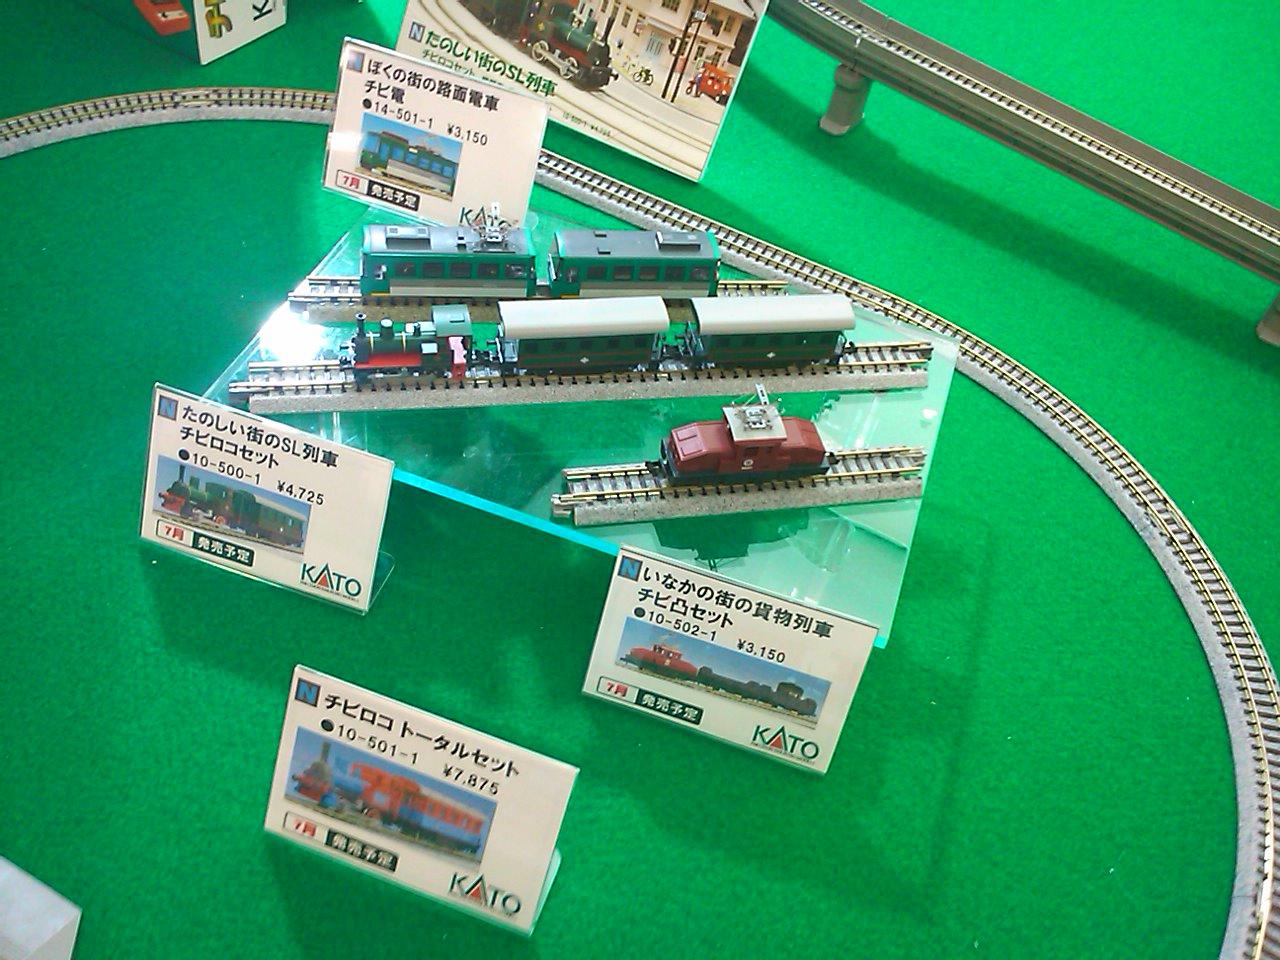 Sn3n0048